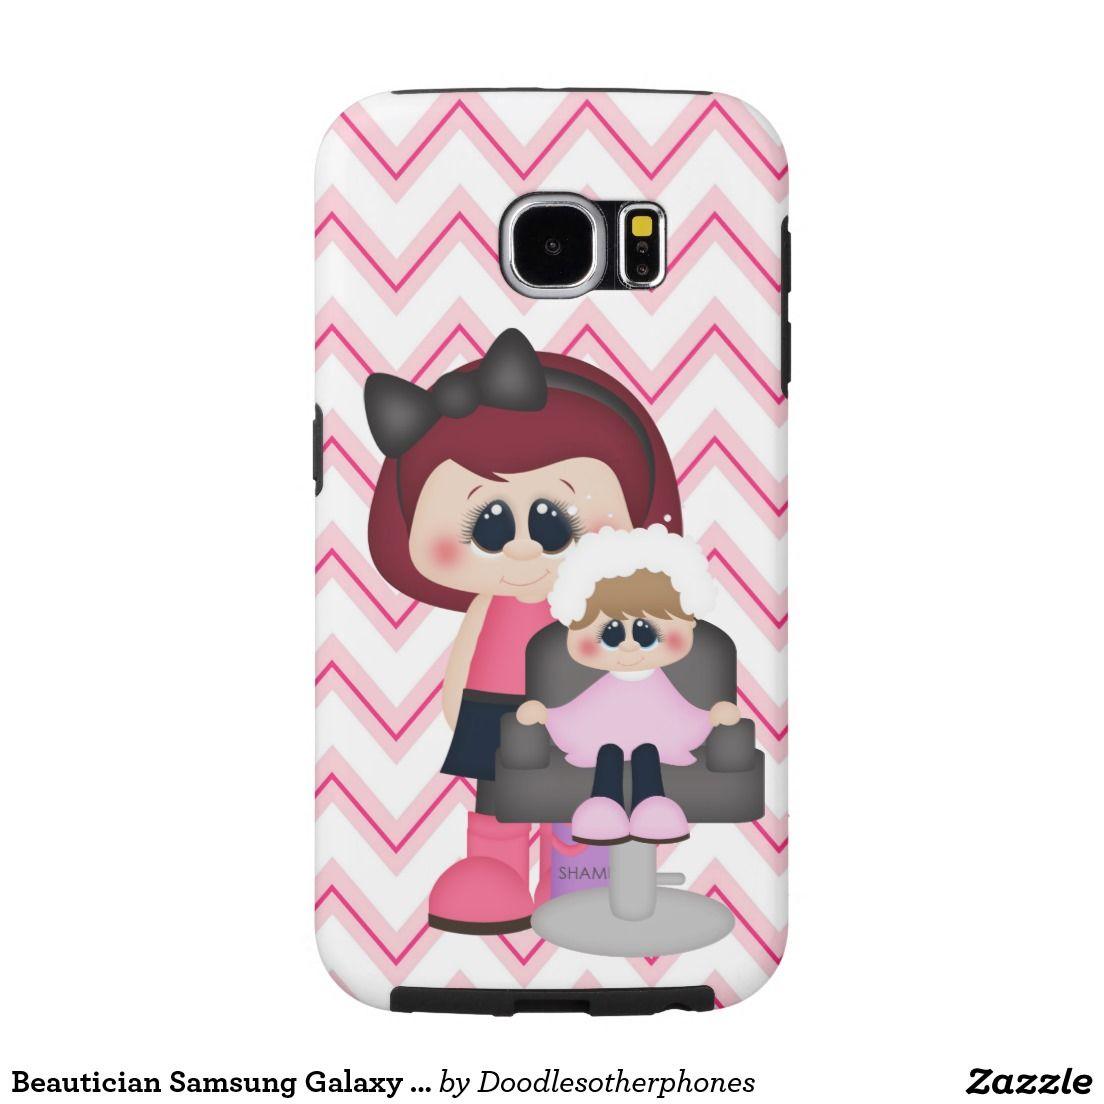 Beautician Samsung Galaxy s6 tough case Samsung Galaxy S6 Cases